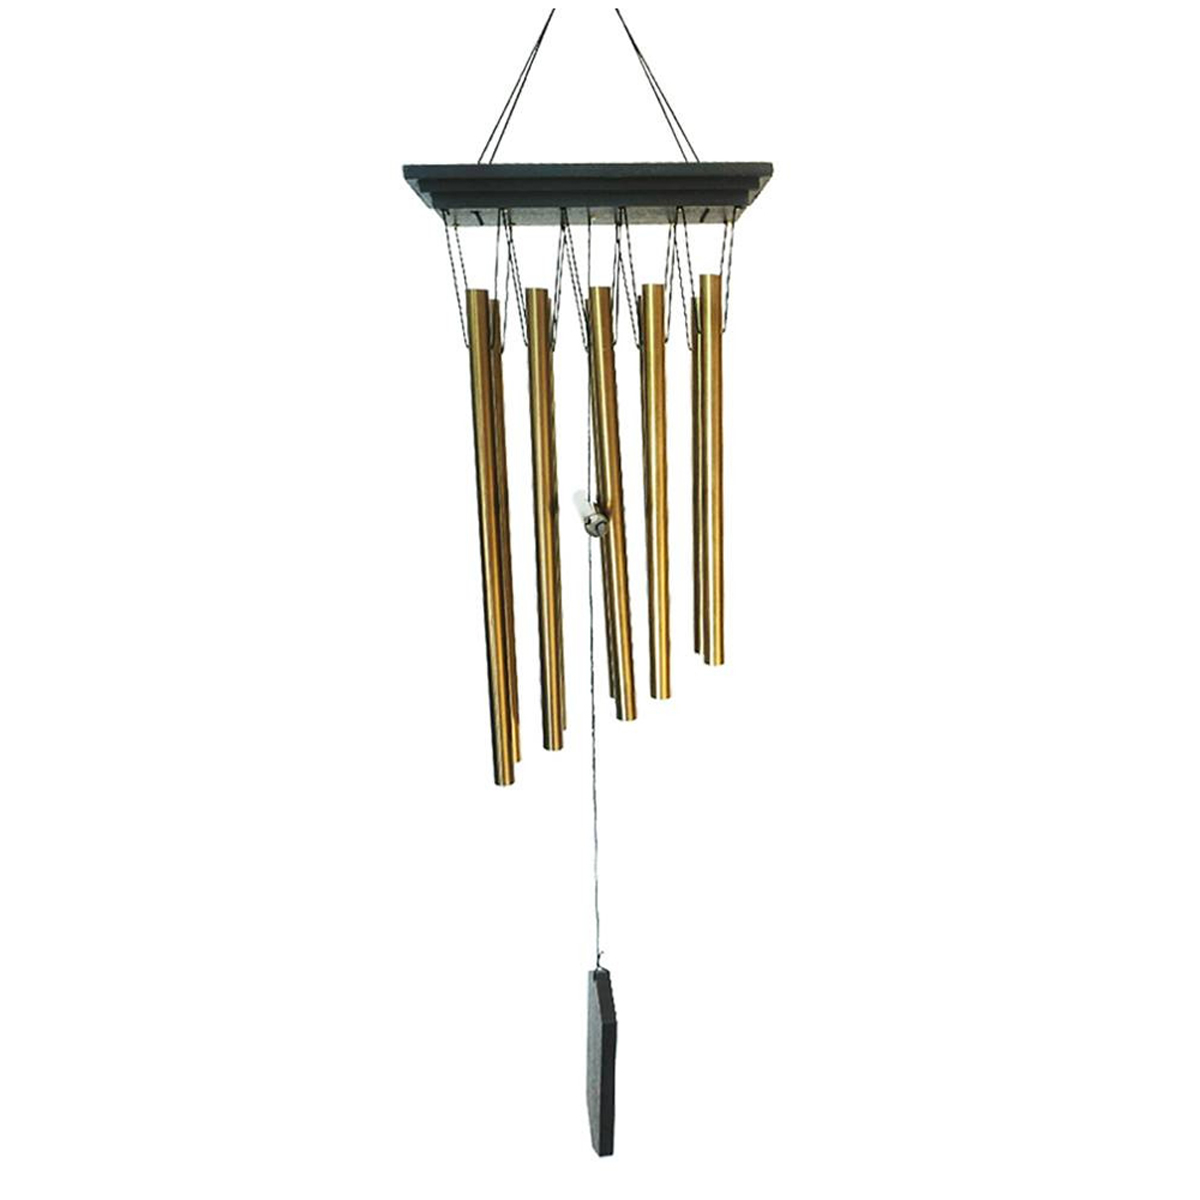 Carillon bois \'Zen attitude\' marron wenge doré  - 81x18x7 cm - [R2643]